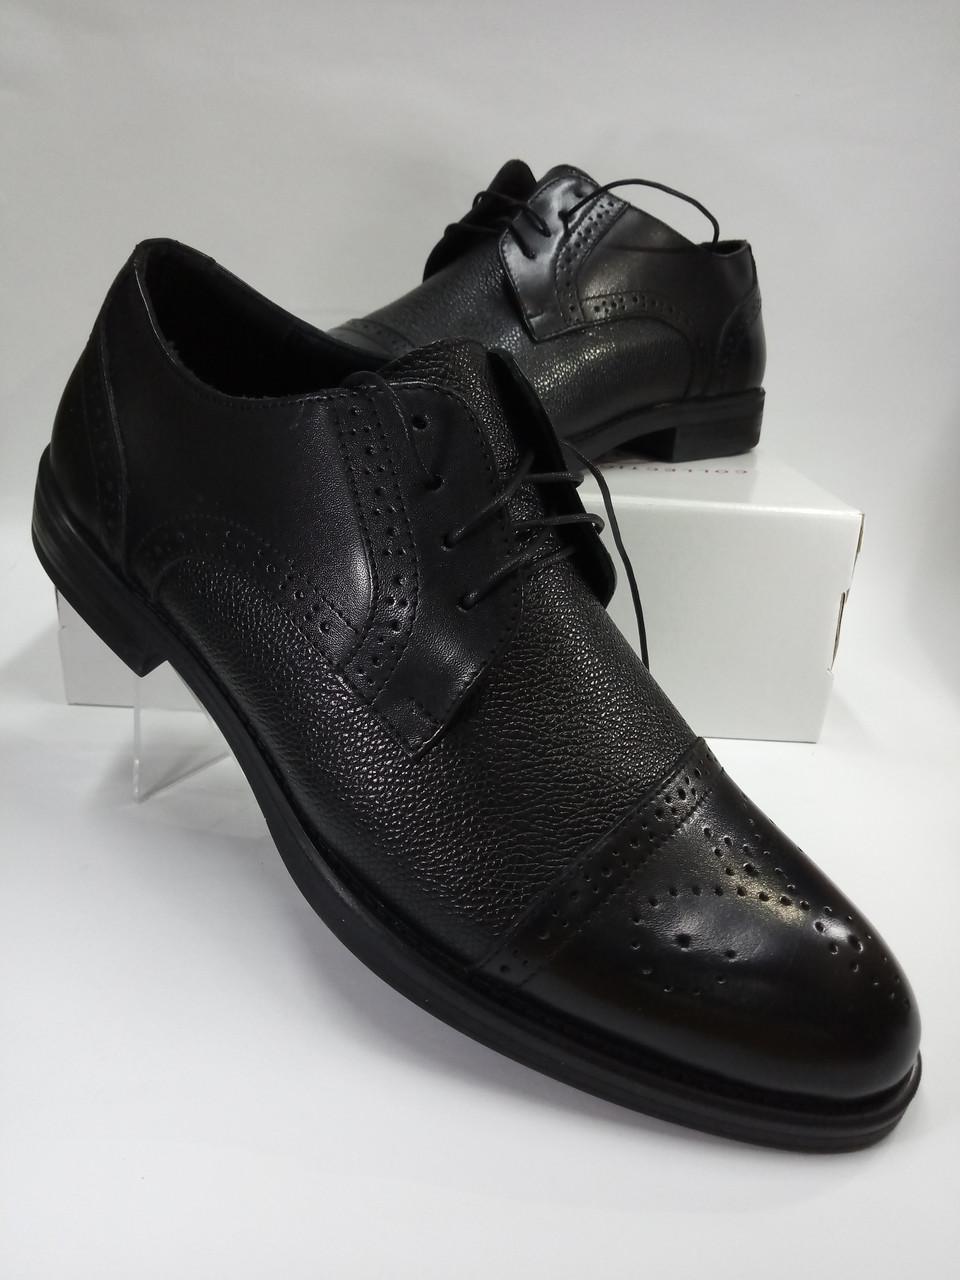 Мужские туфли Lioneli Lv 3061-01 из натуральной кожи.